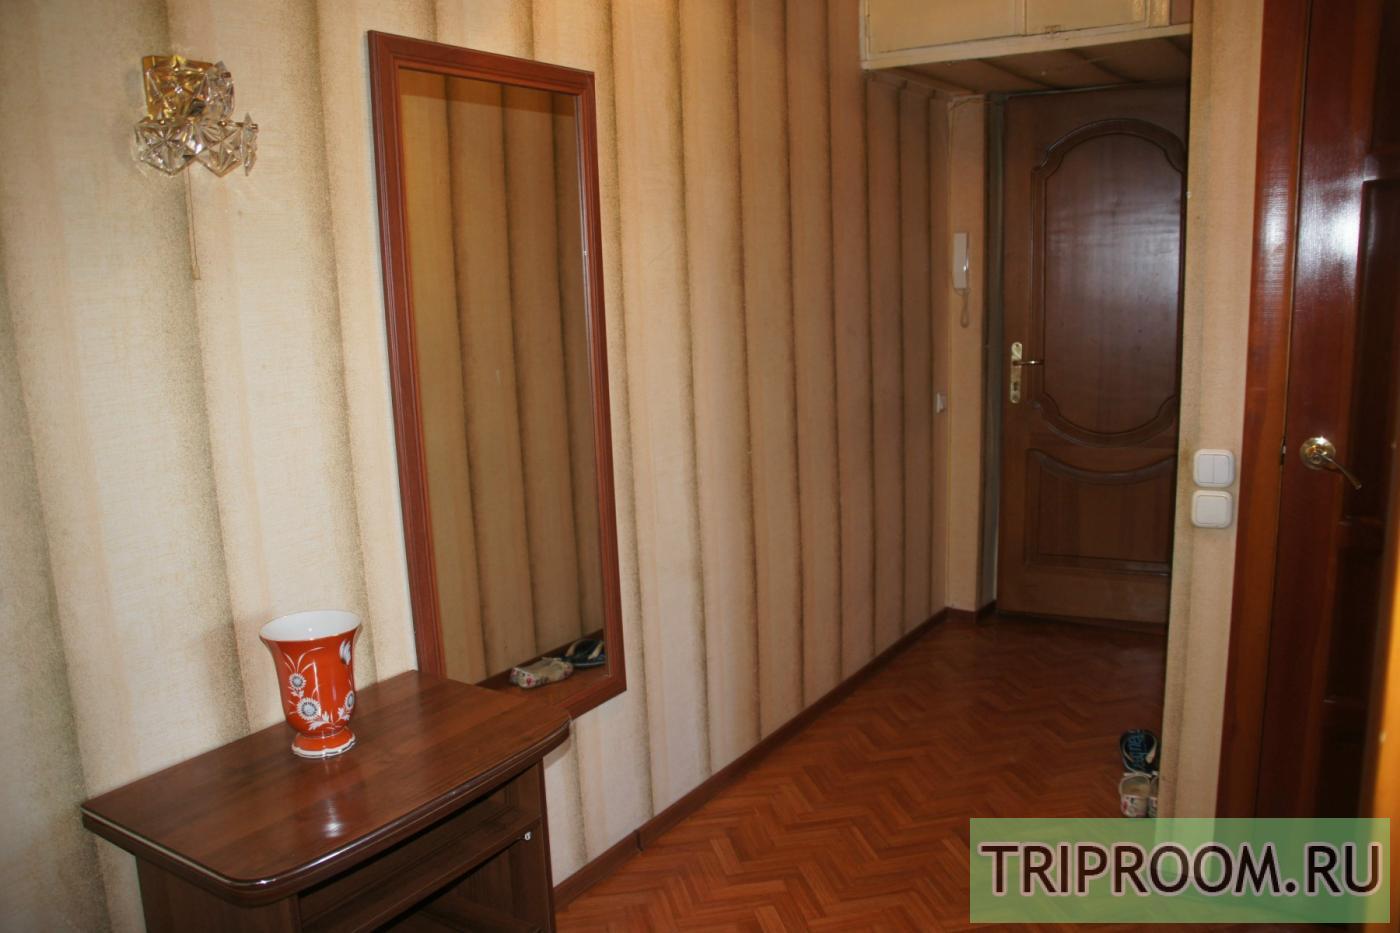 3-комнатная квартира посуточно (вариант № 18694), ул. Рокоссовского улица, фото № 4